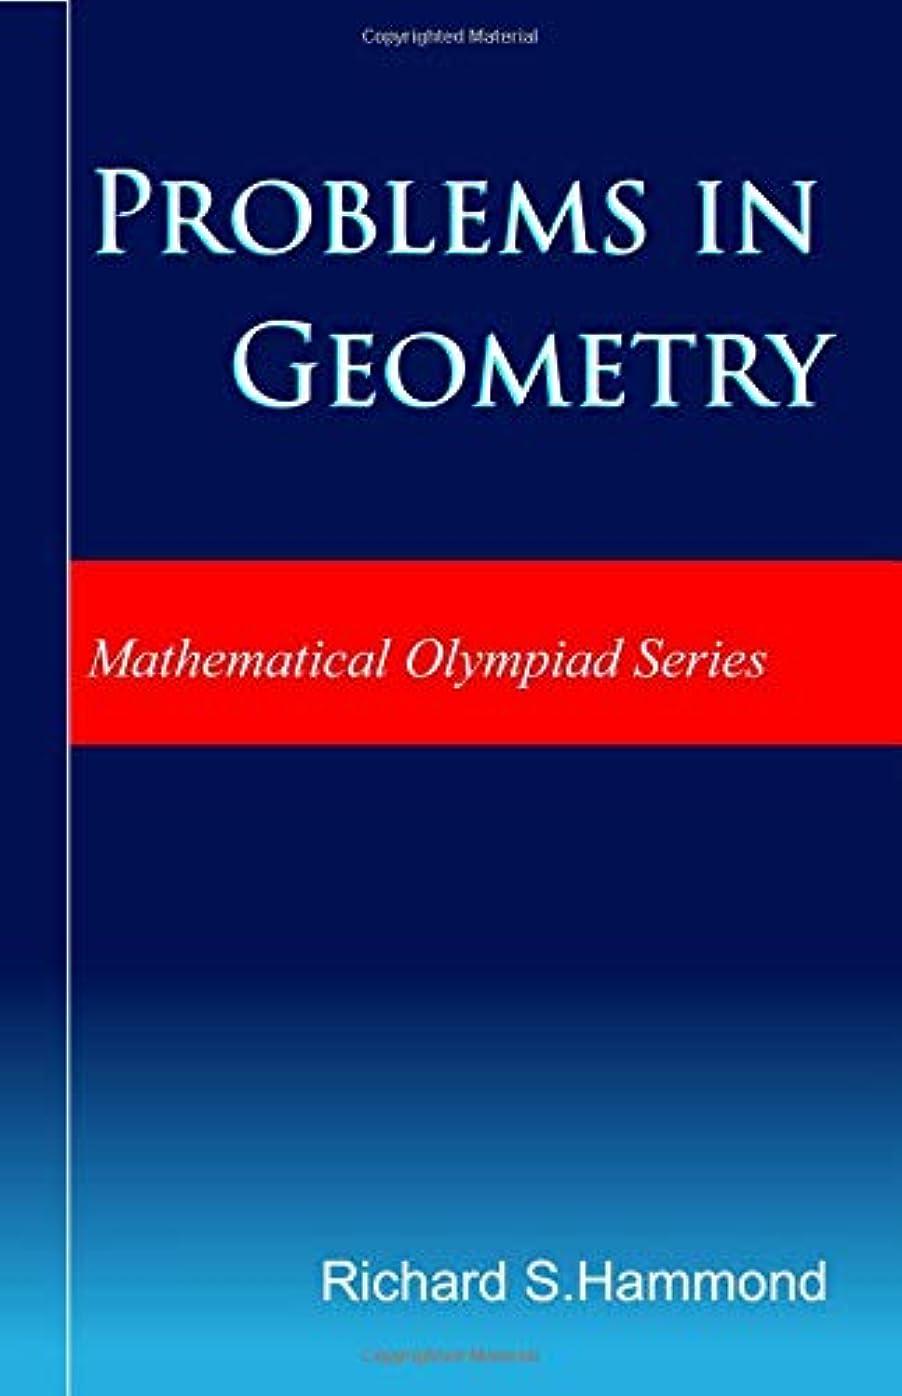 絶滅させる主婦混沌Problems in Geometry: Theorems and Problems (Mathematical Olympiad Series)